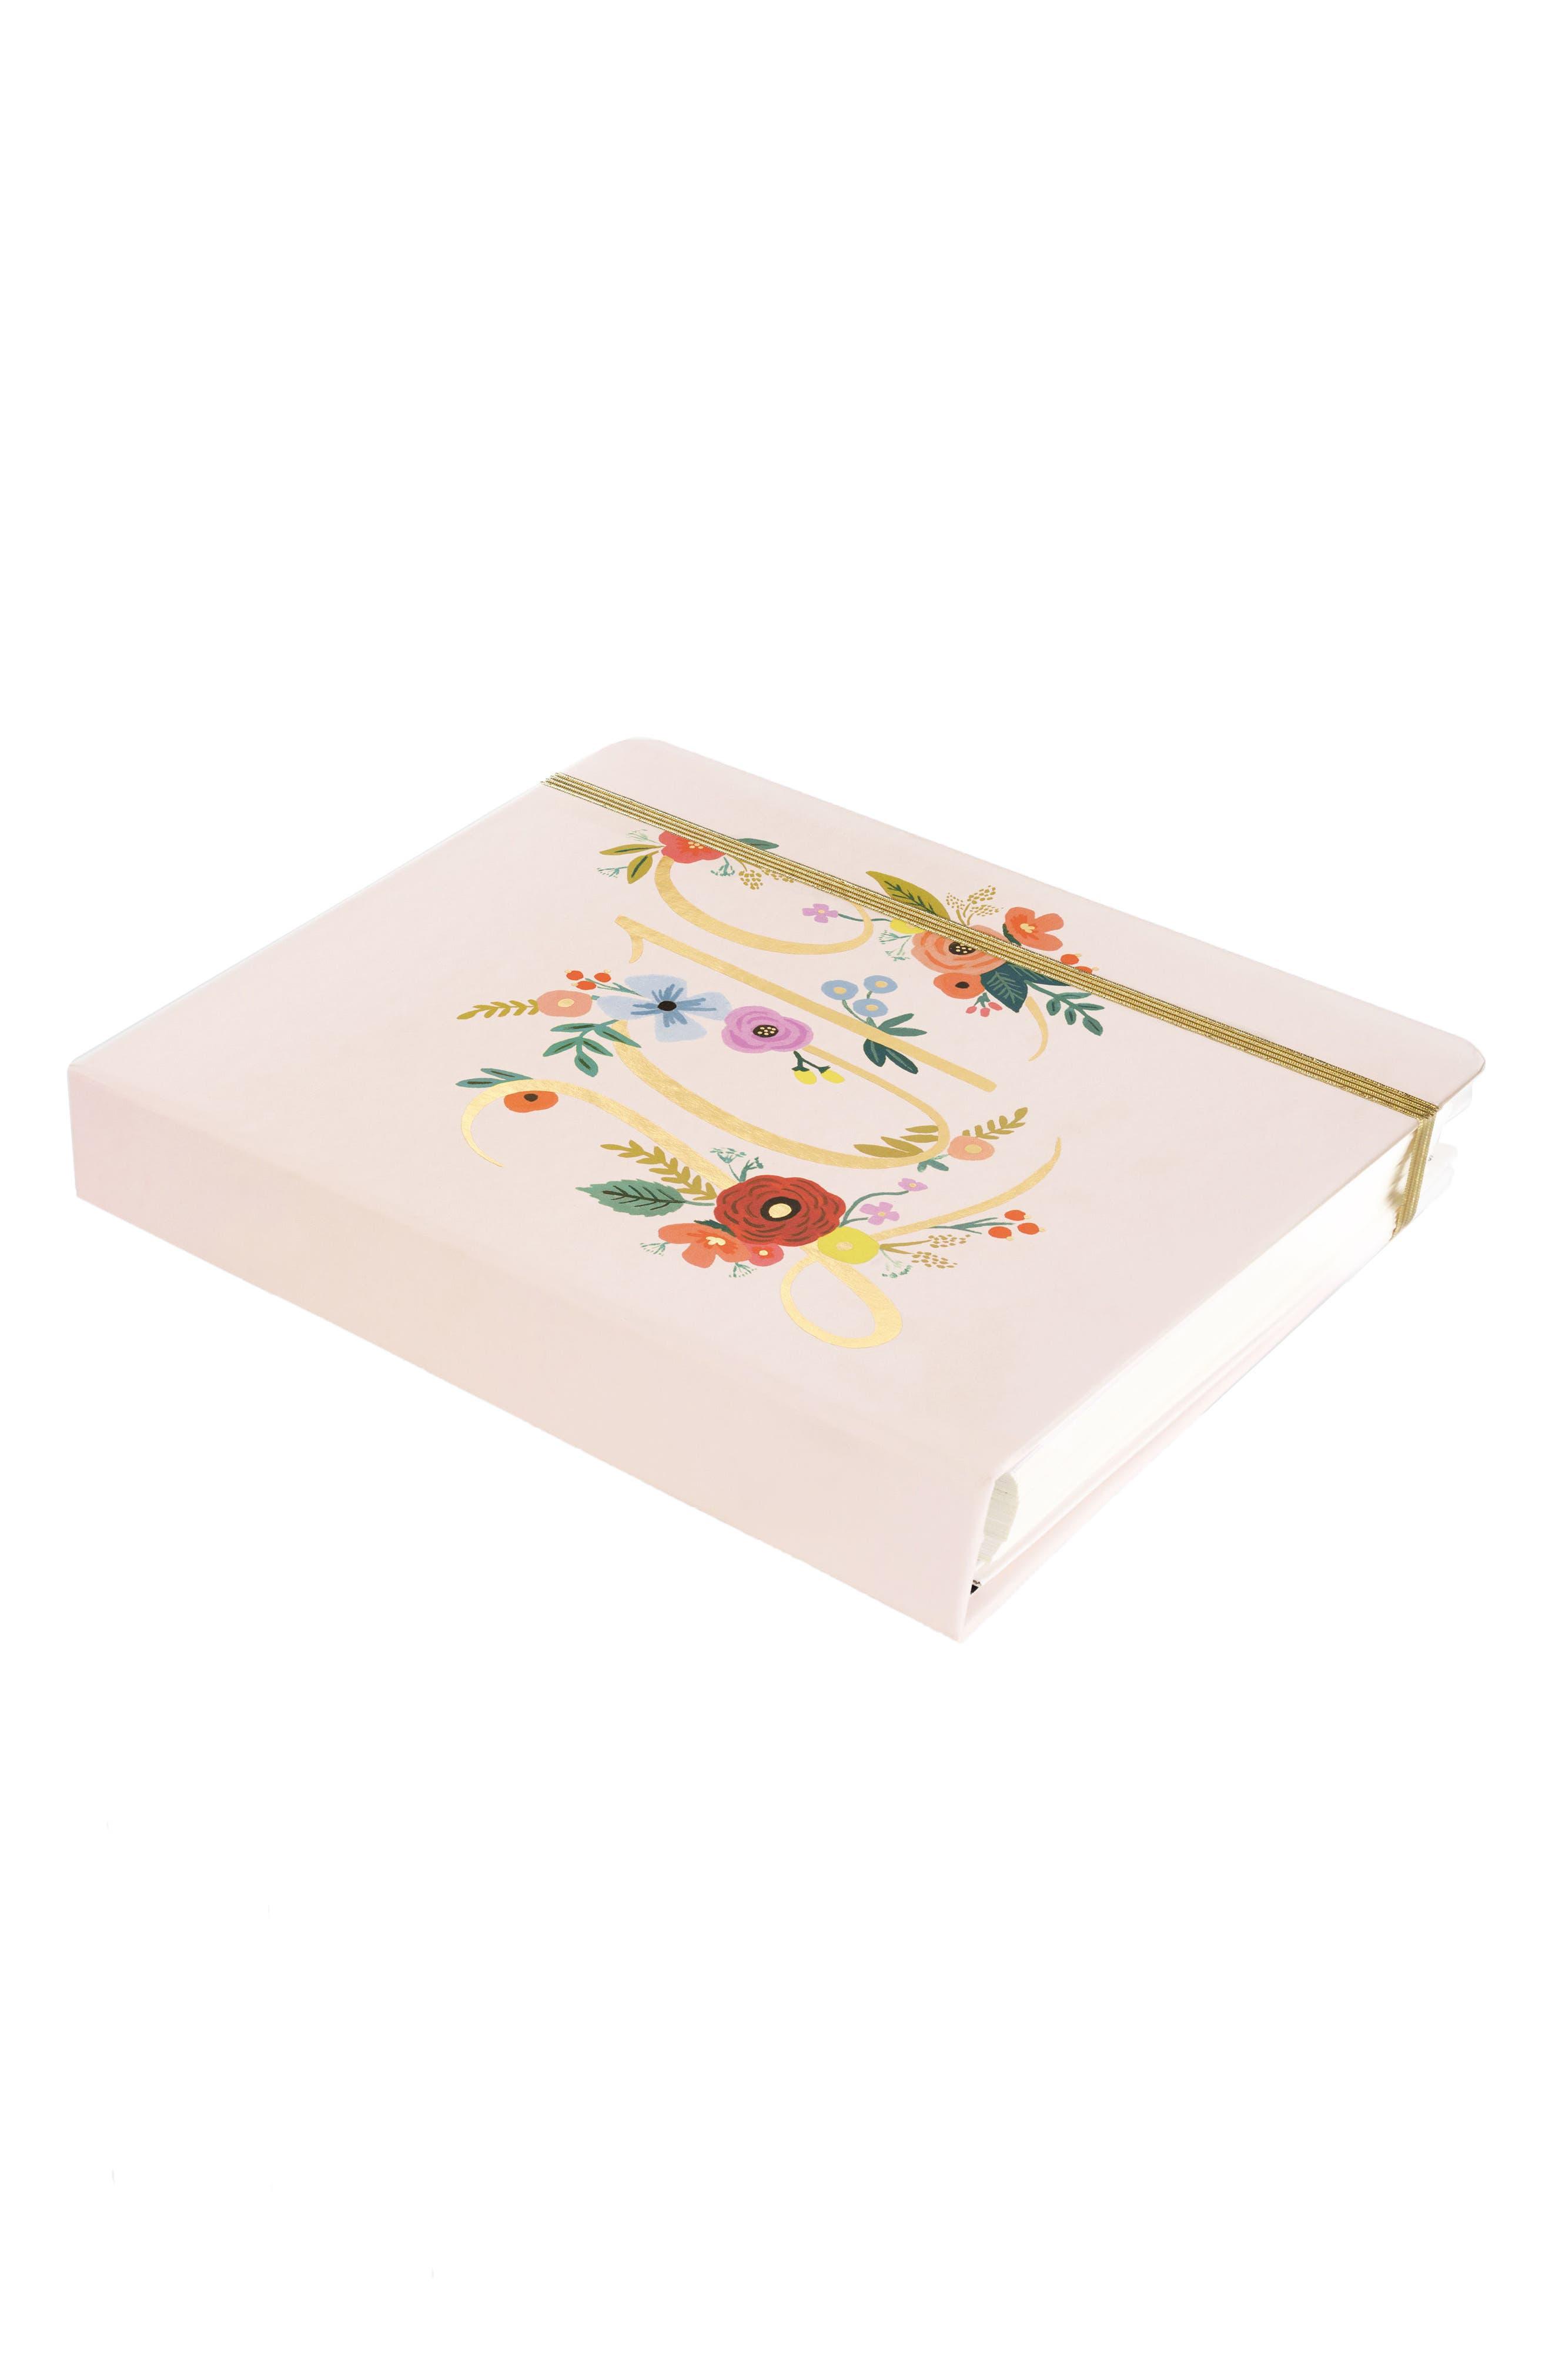 2019 Bouquet 17-Month Planner,                             Alternate thumbnail 4, color,                             PINK